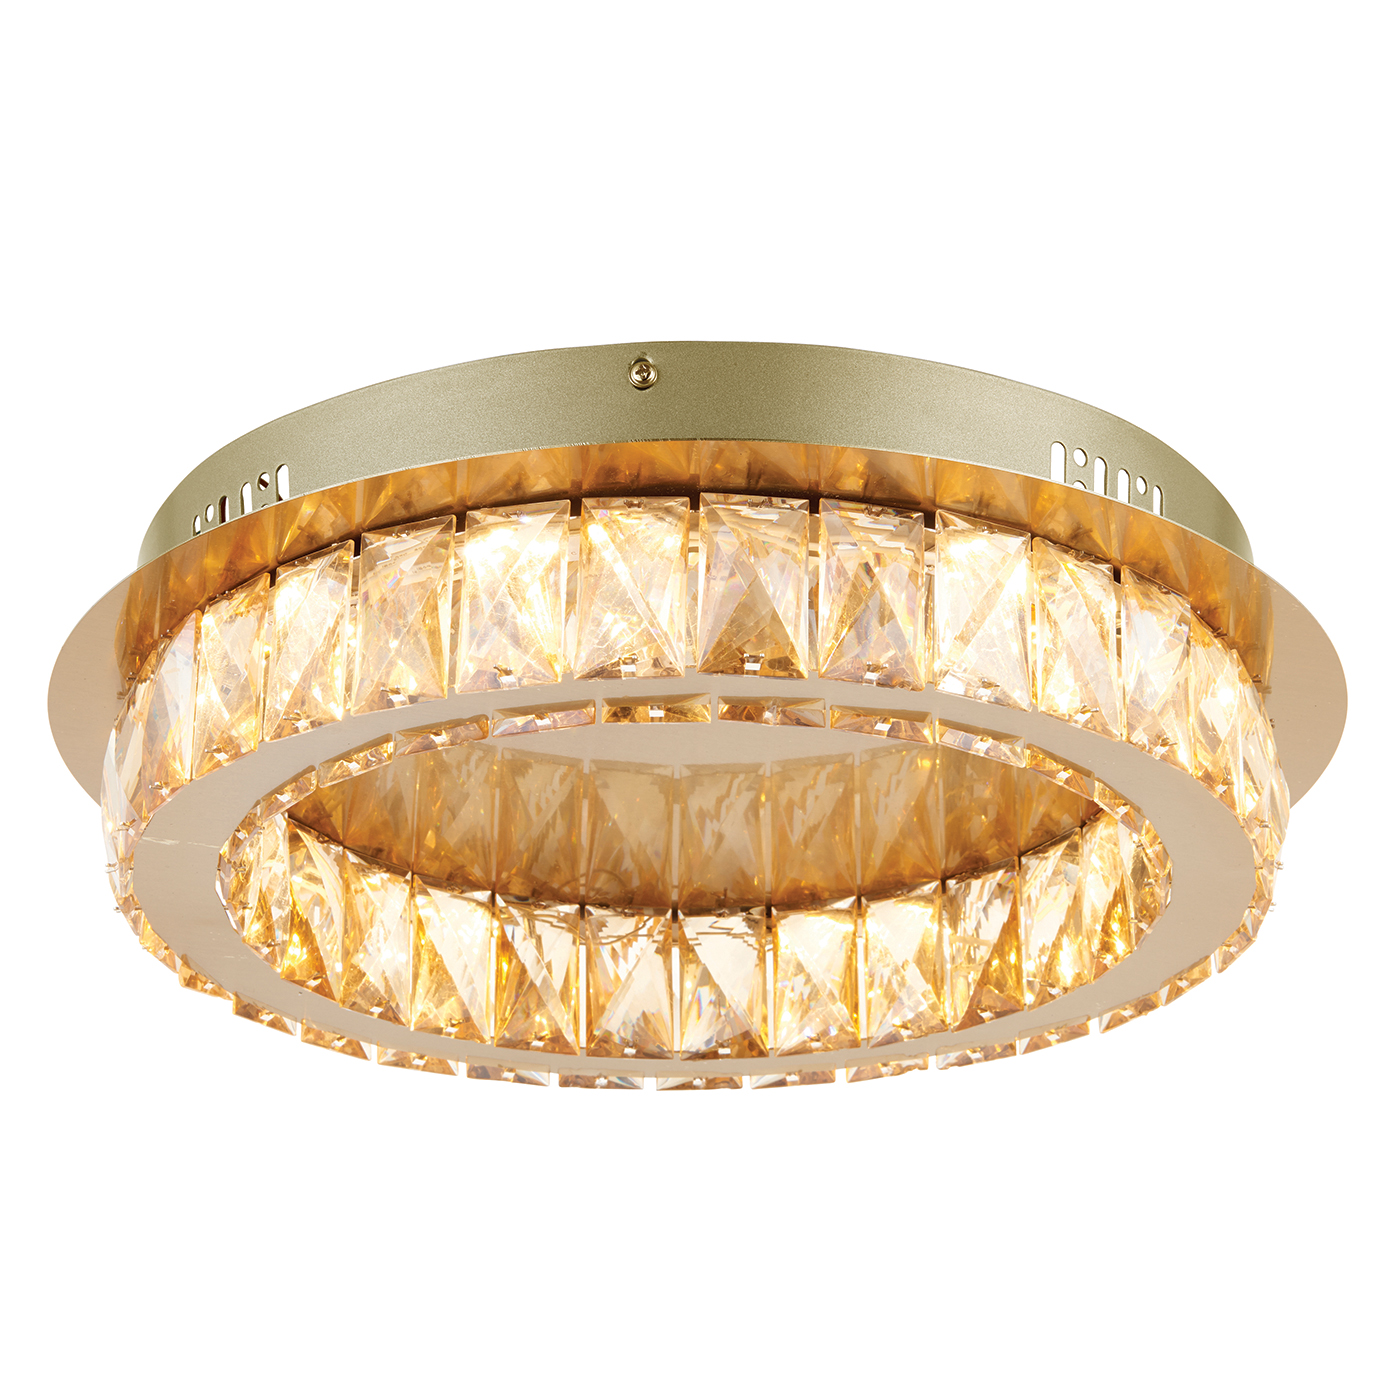 Endon 70665 Swayze LED C/Lgt 16W Brs